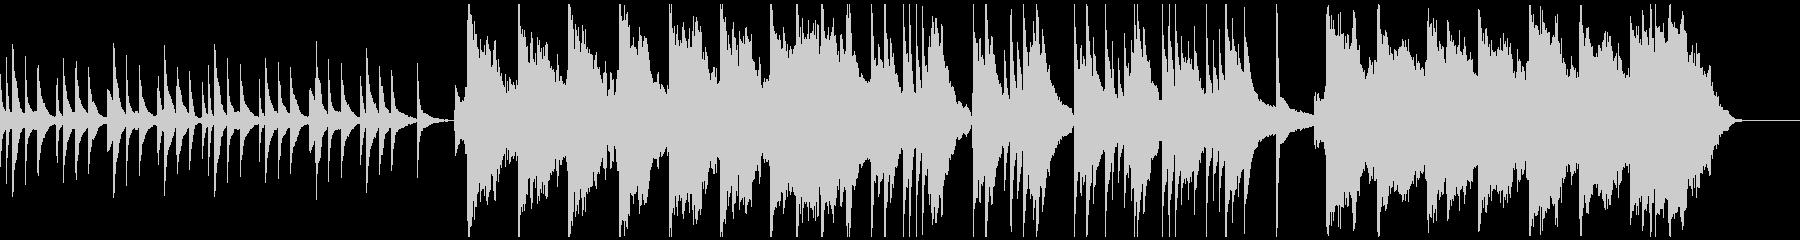 ピアノとバイオリンによる悲しい曲の未再生の波形